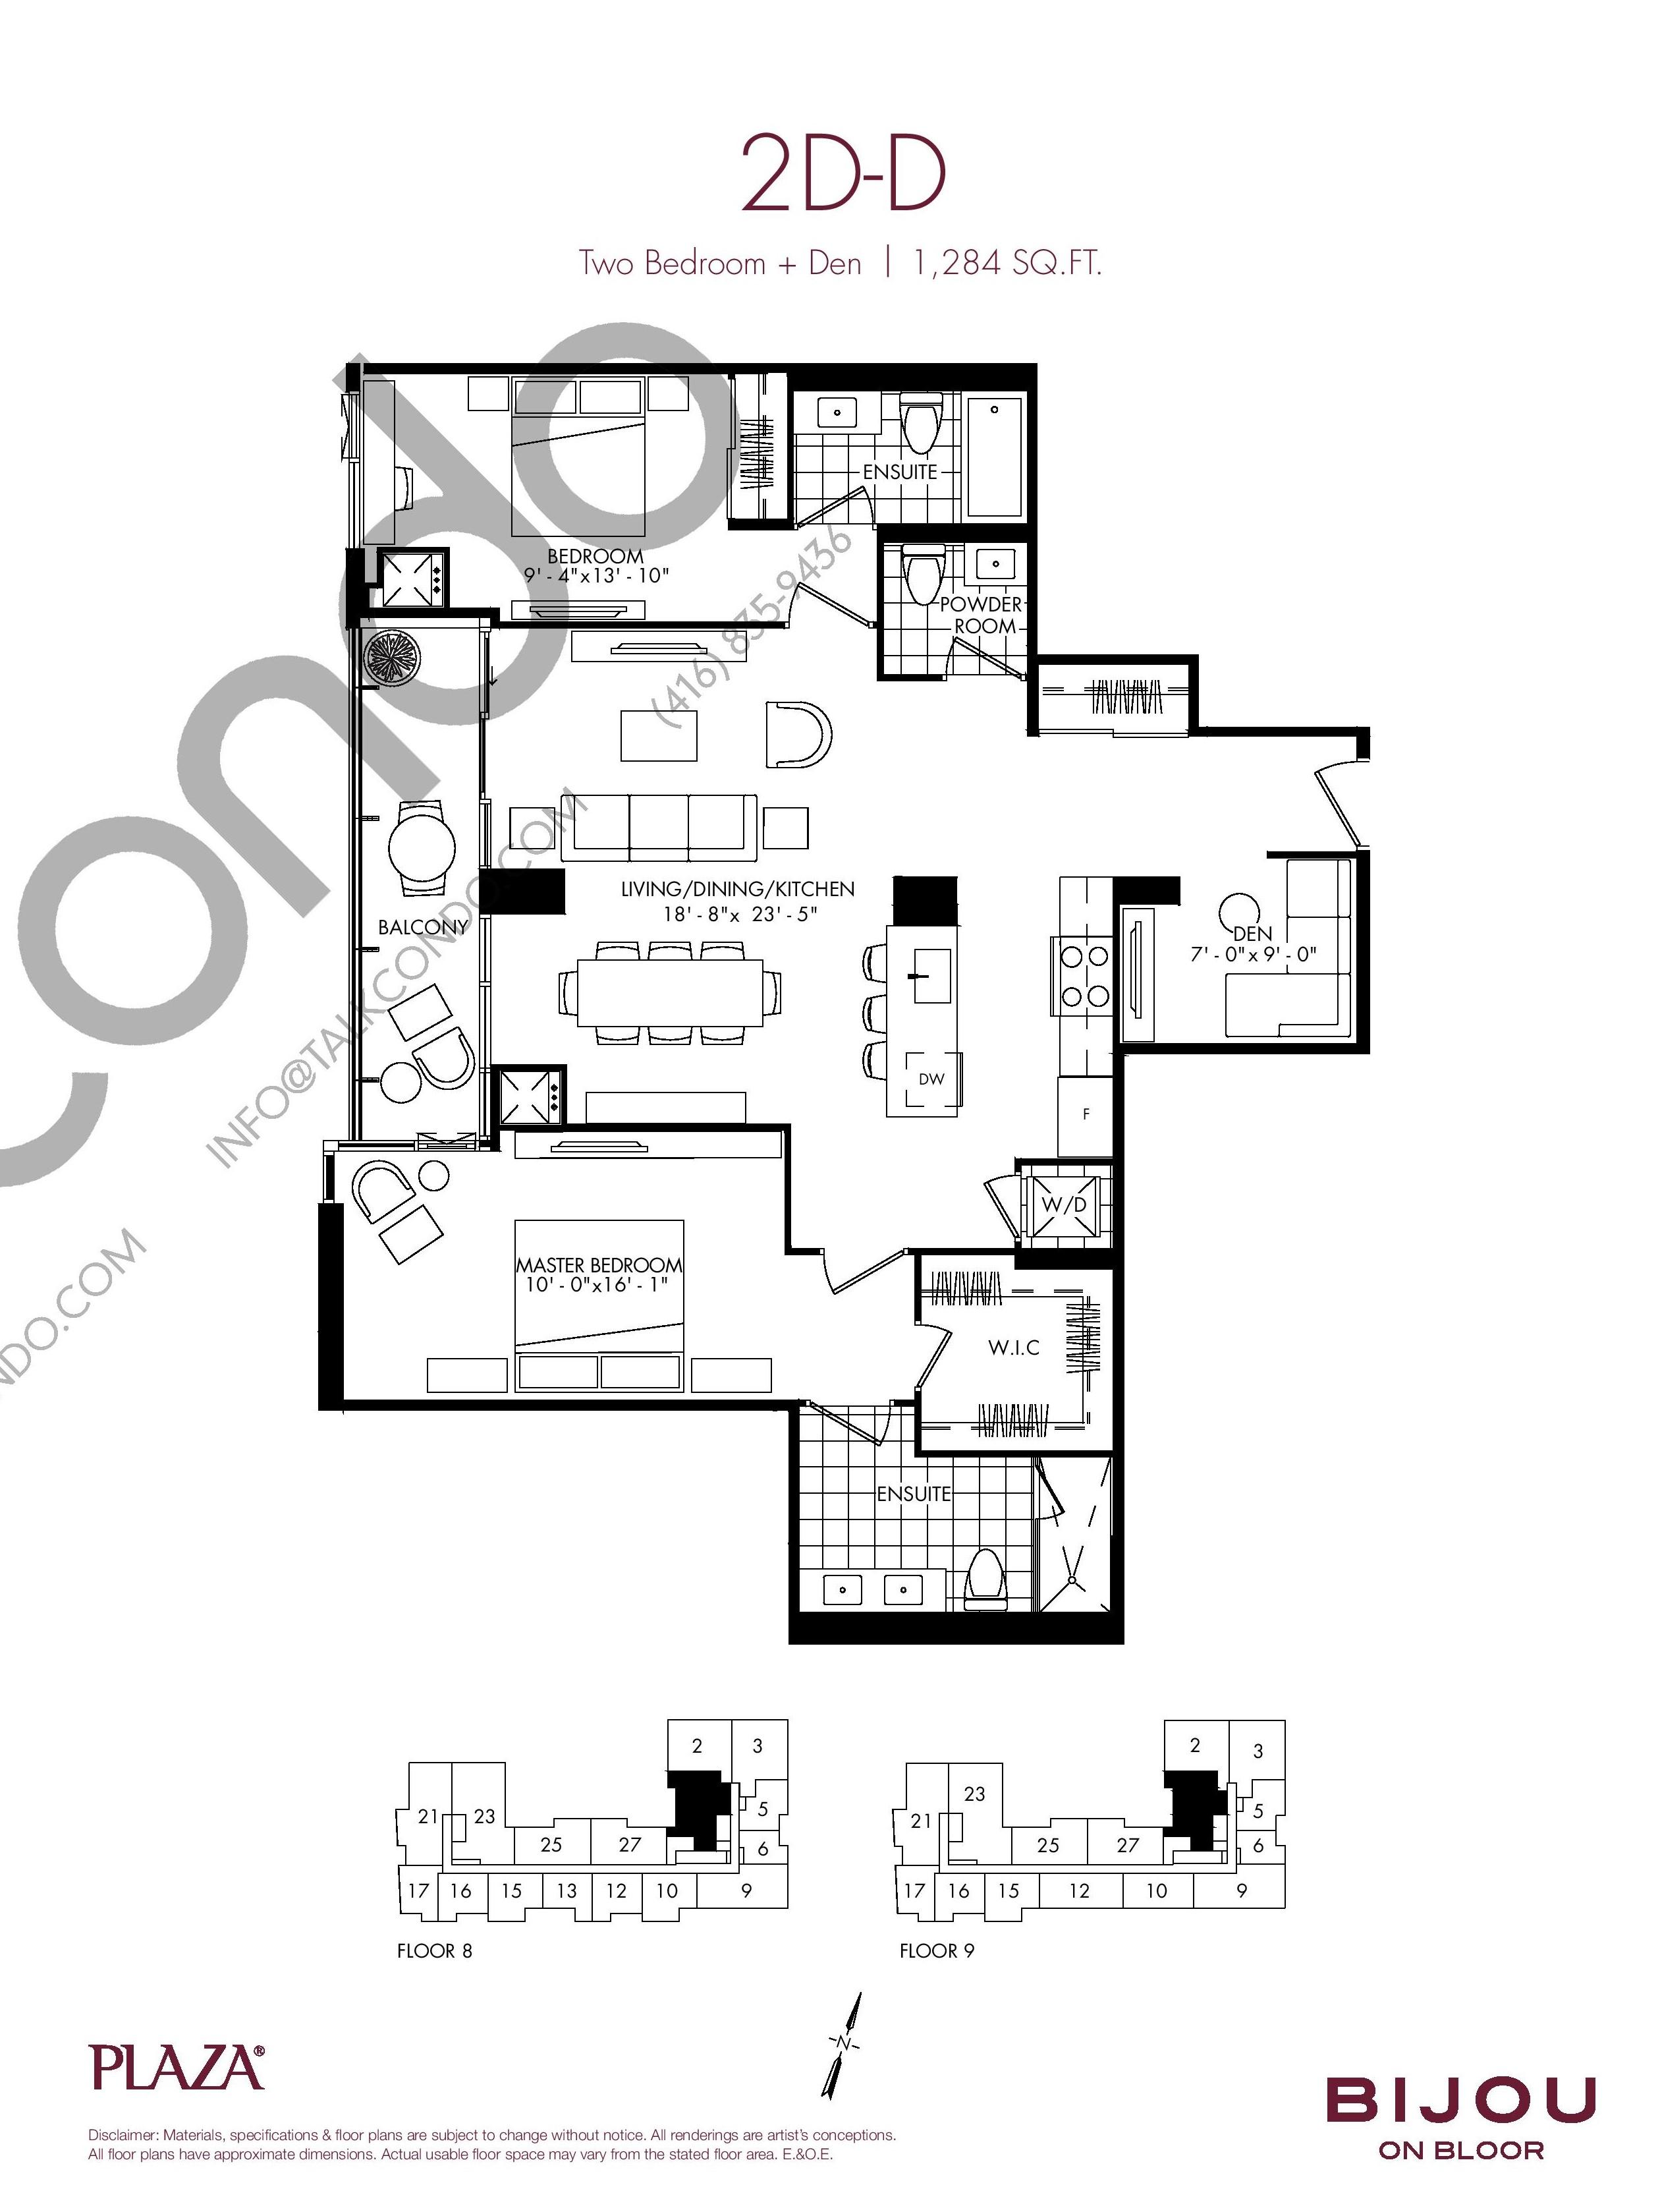 Suite 2D-D Floor Plan at Bijou On Bloor Condos - 1284 sq.ft